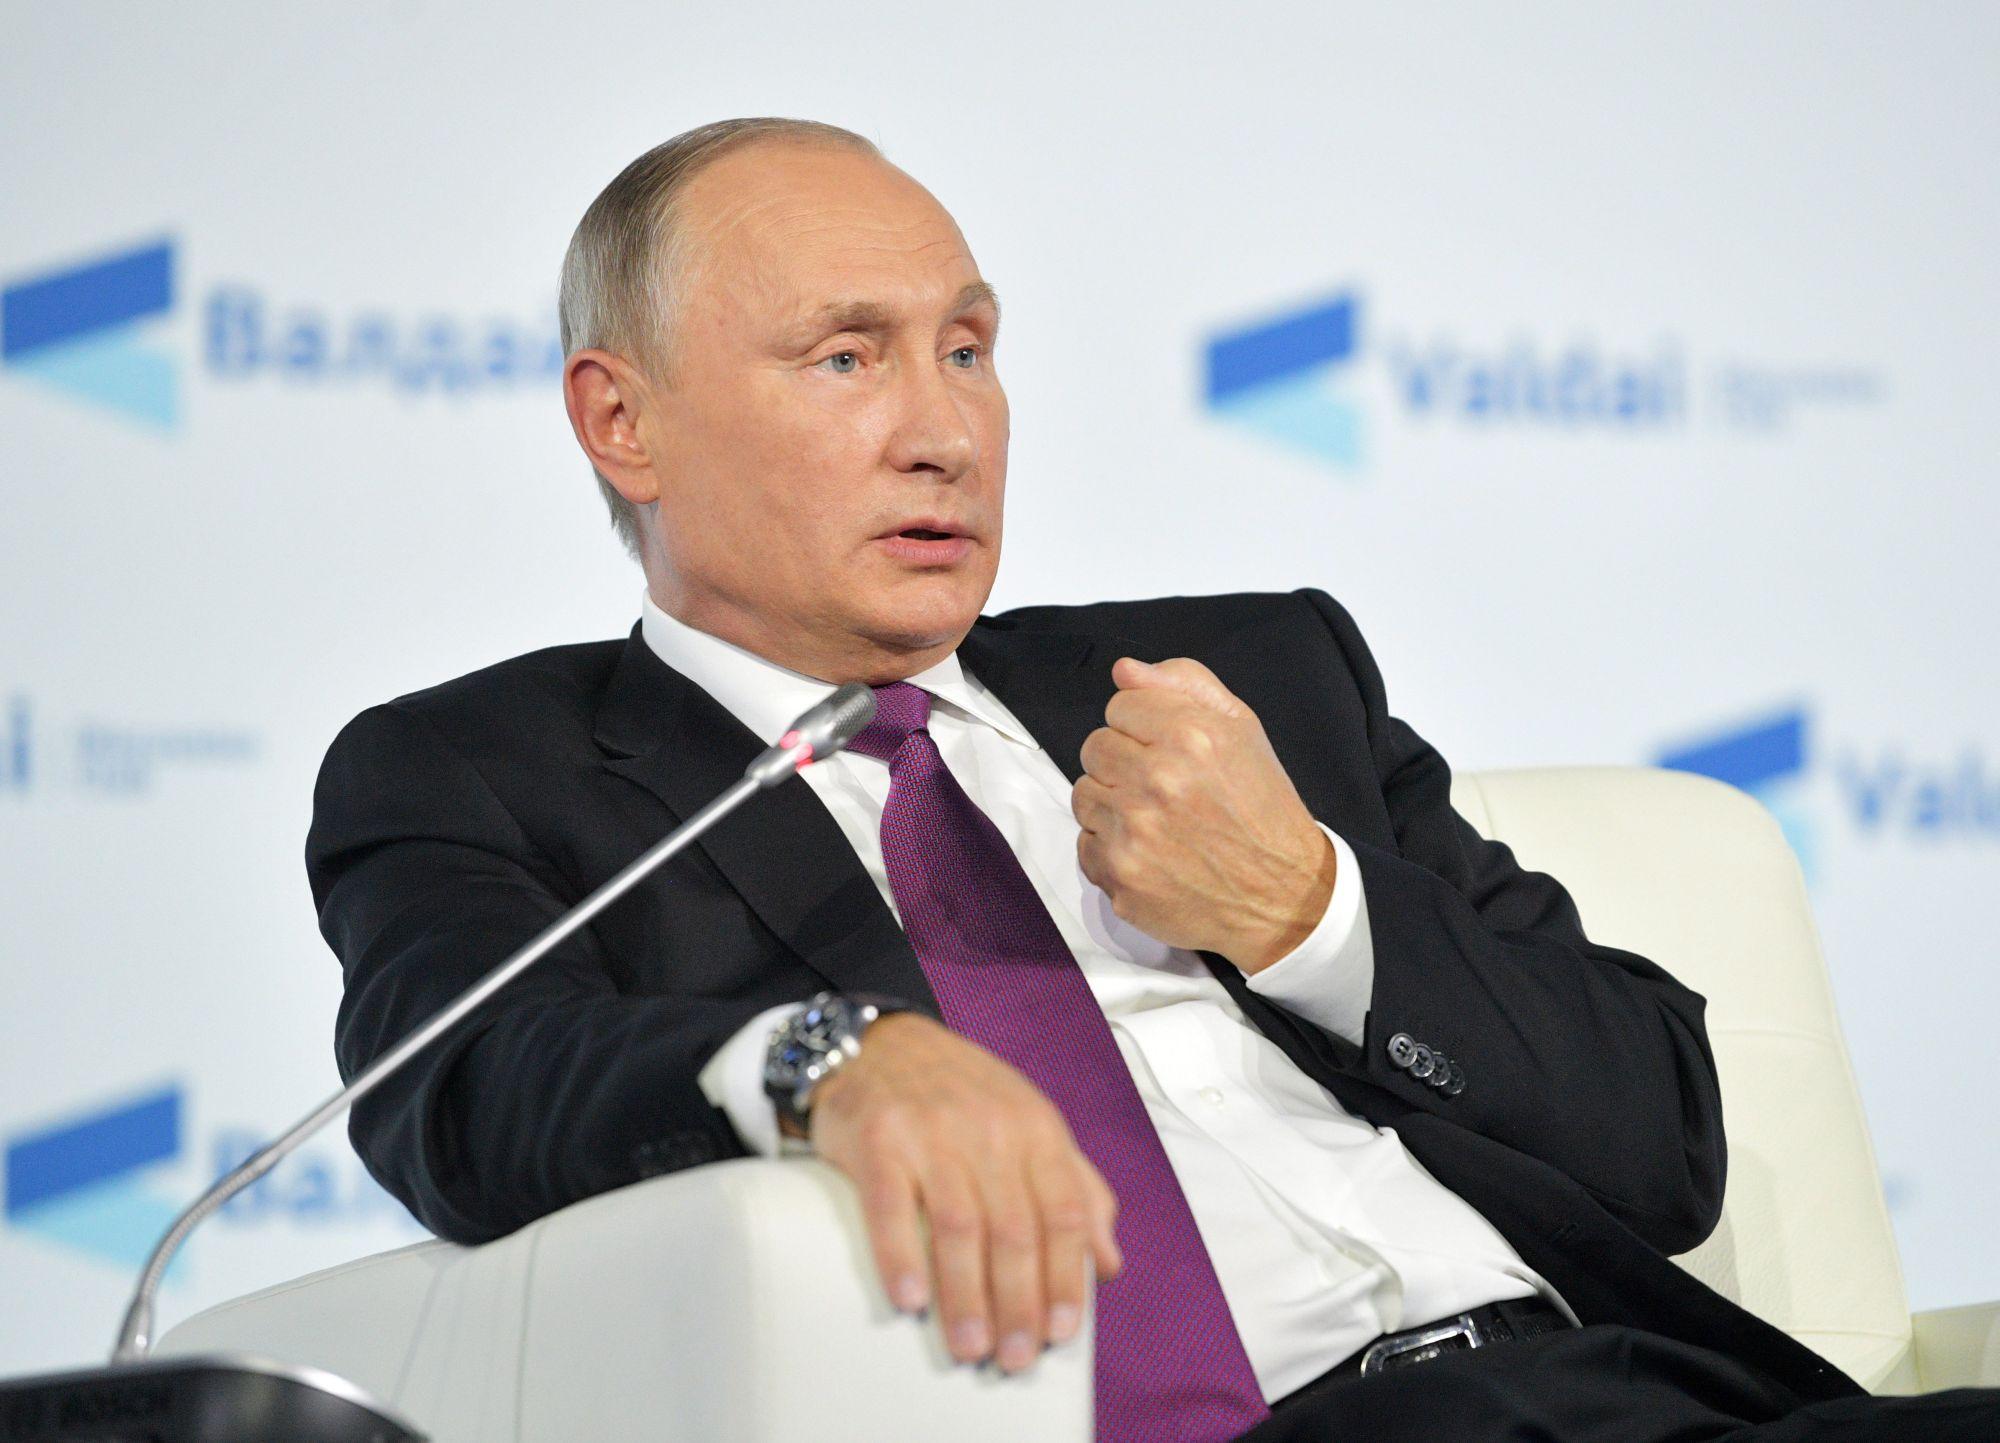 Szocsi, 2017. október 19. Vlagyimir Putyin orosz elnök beszél az évente rendezett Valdaj nemzetközi vitaklub tanácskozásán Szocsiban 2017. október 19-én. (MTI/EPA/AP pool/Alekszandr Zemlianicsenko)